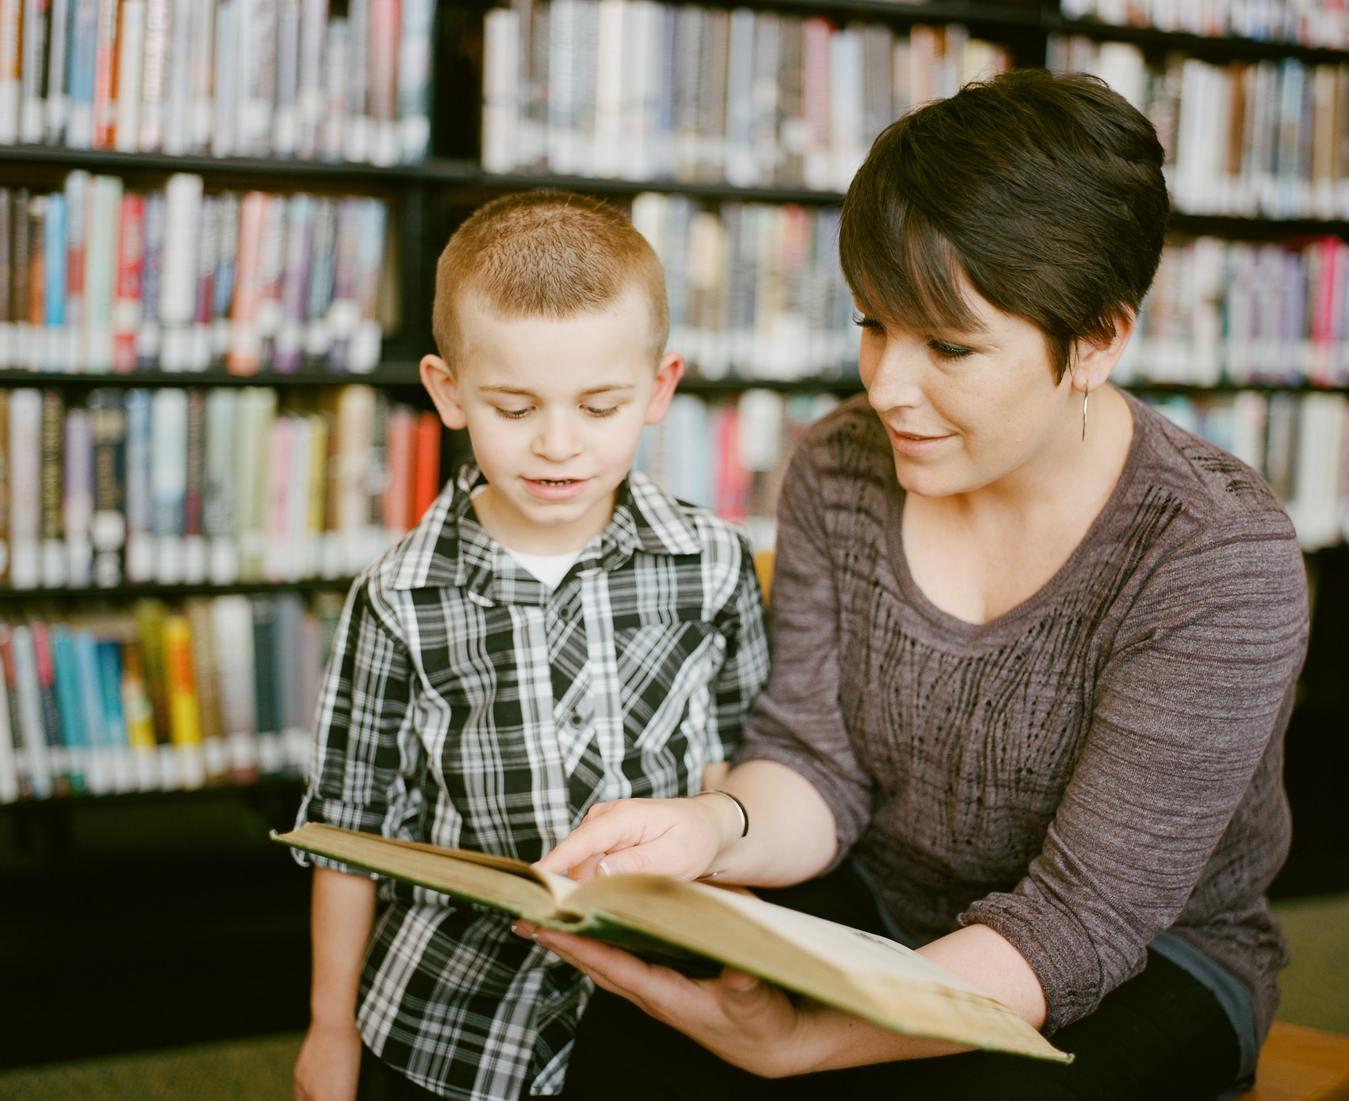 mujer enseñando a niño un libro